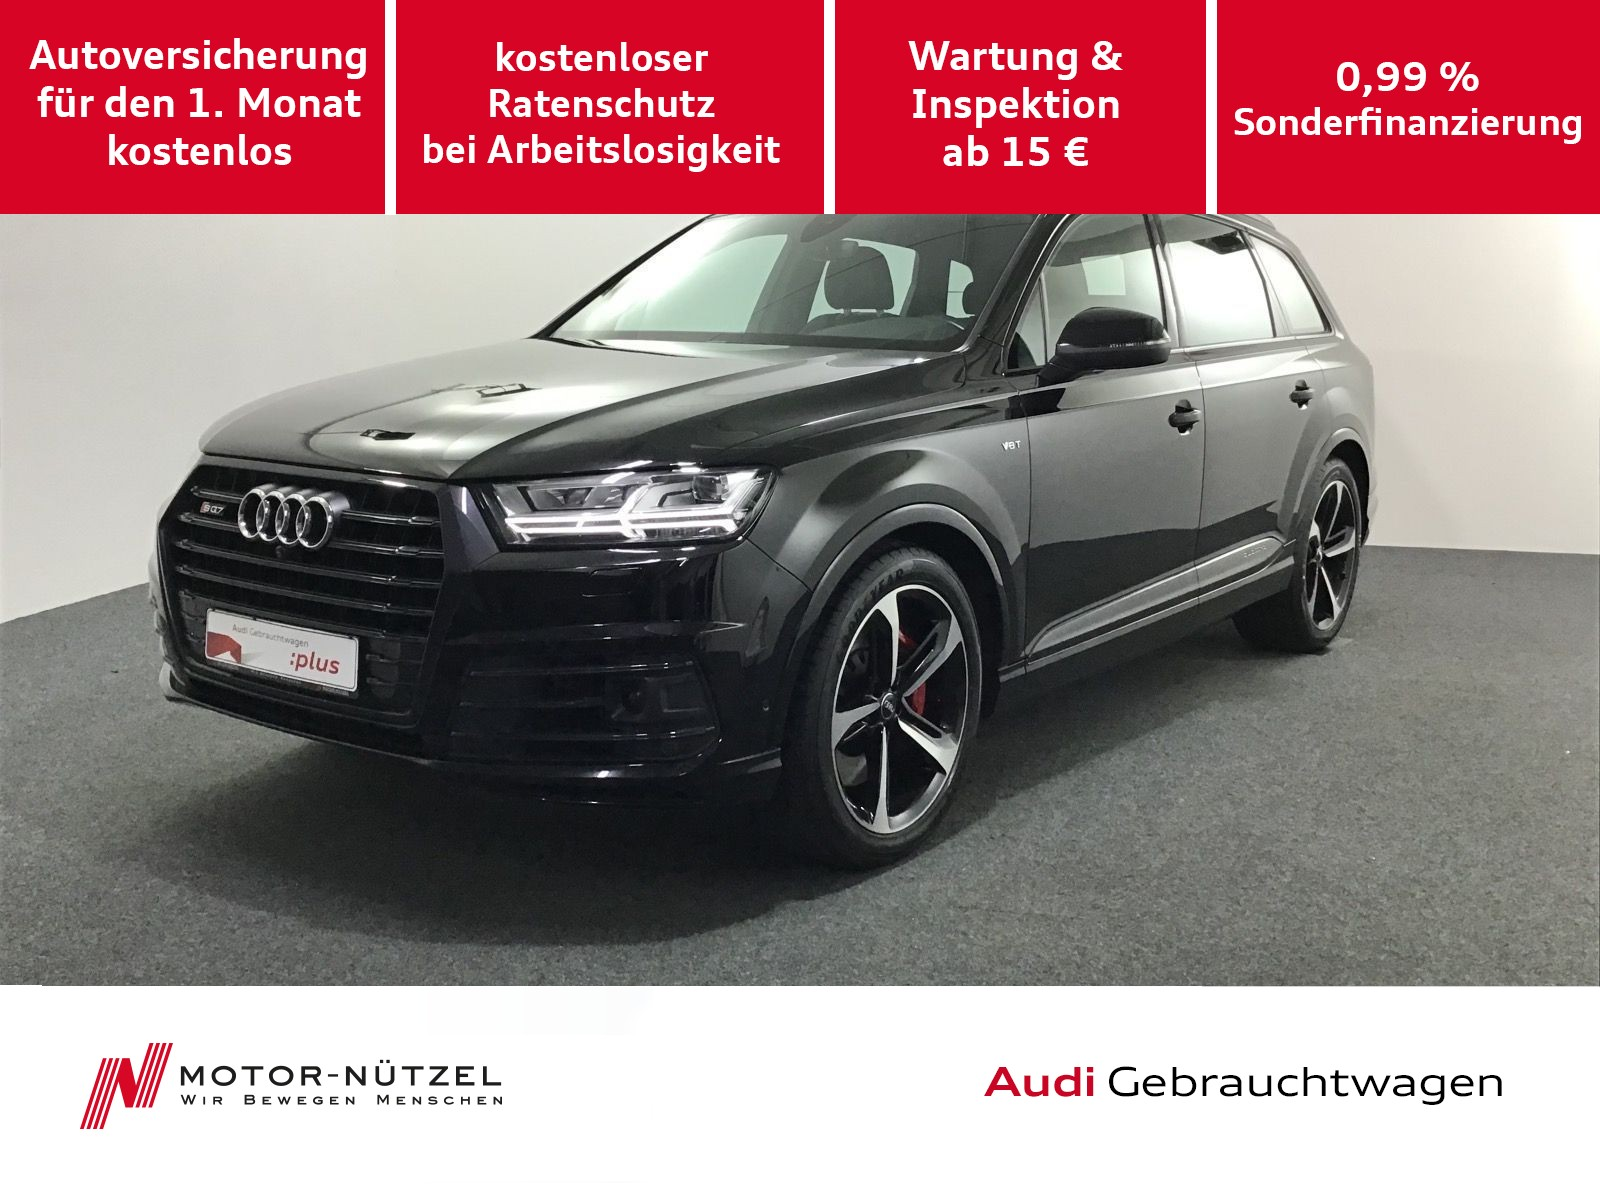 Audi SQ7 TDI quattro PanoDach+OptikSchwarz+AHK+21Zoll, Jahr 2017, Diesel